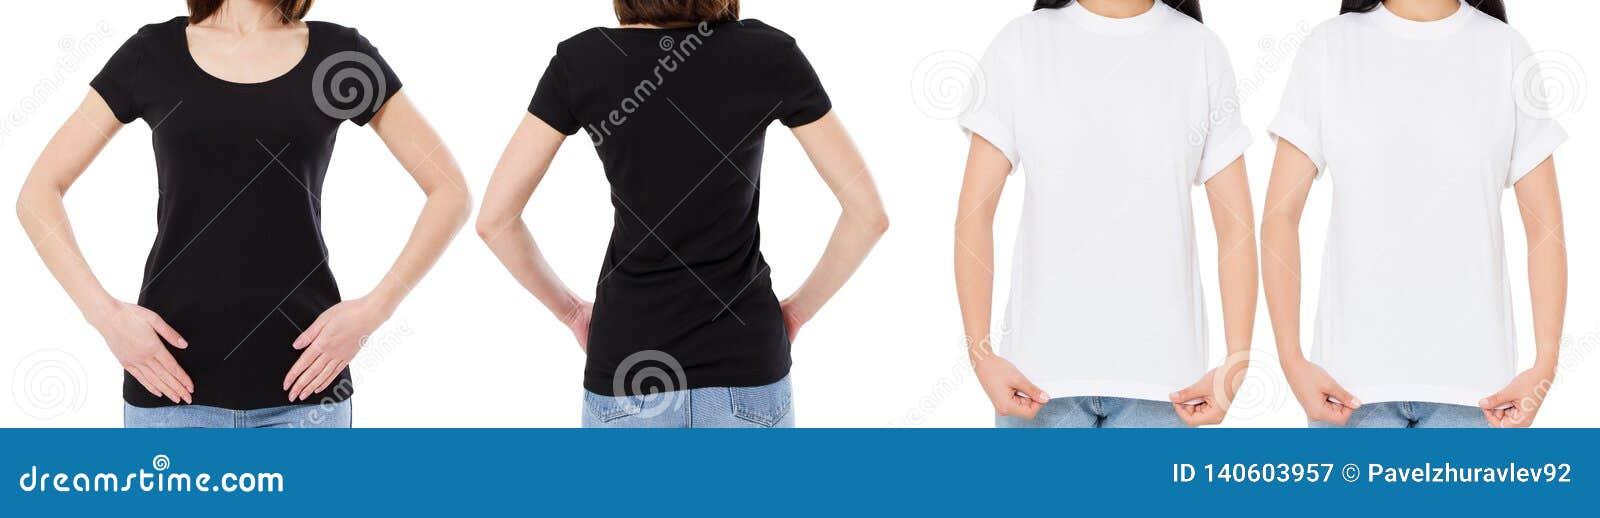 A mulher na camisa branca e preta de T isolou as opções do t-shirt da placa da imagem de Front And Rear Views Cropped, menina no